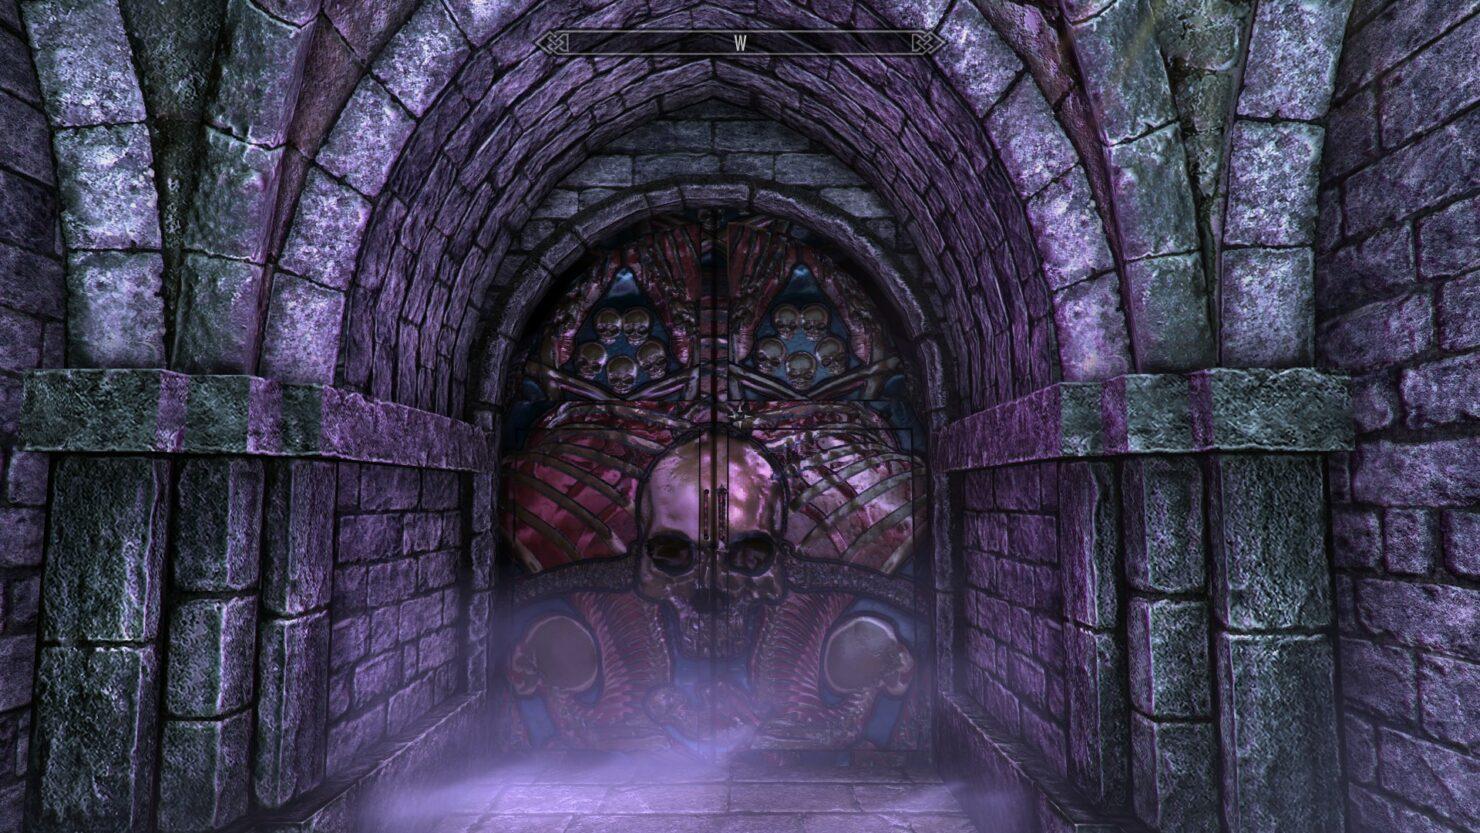 skyrim-quest-mod-castlevania-memories-2